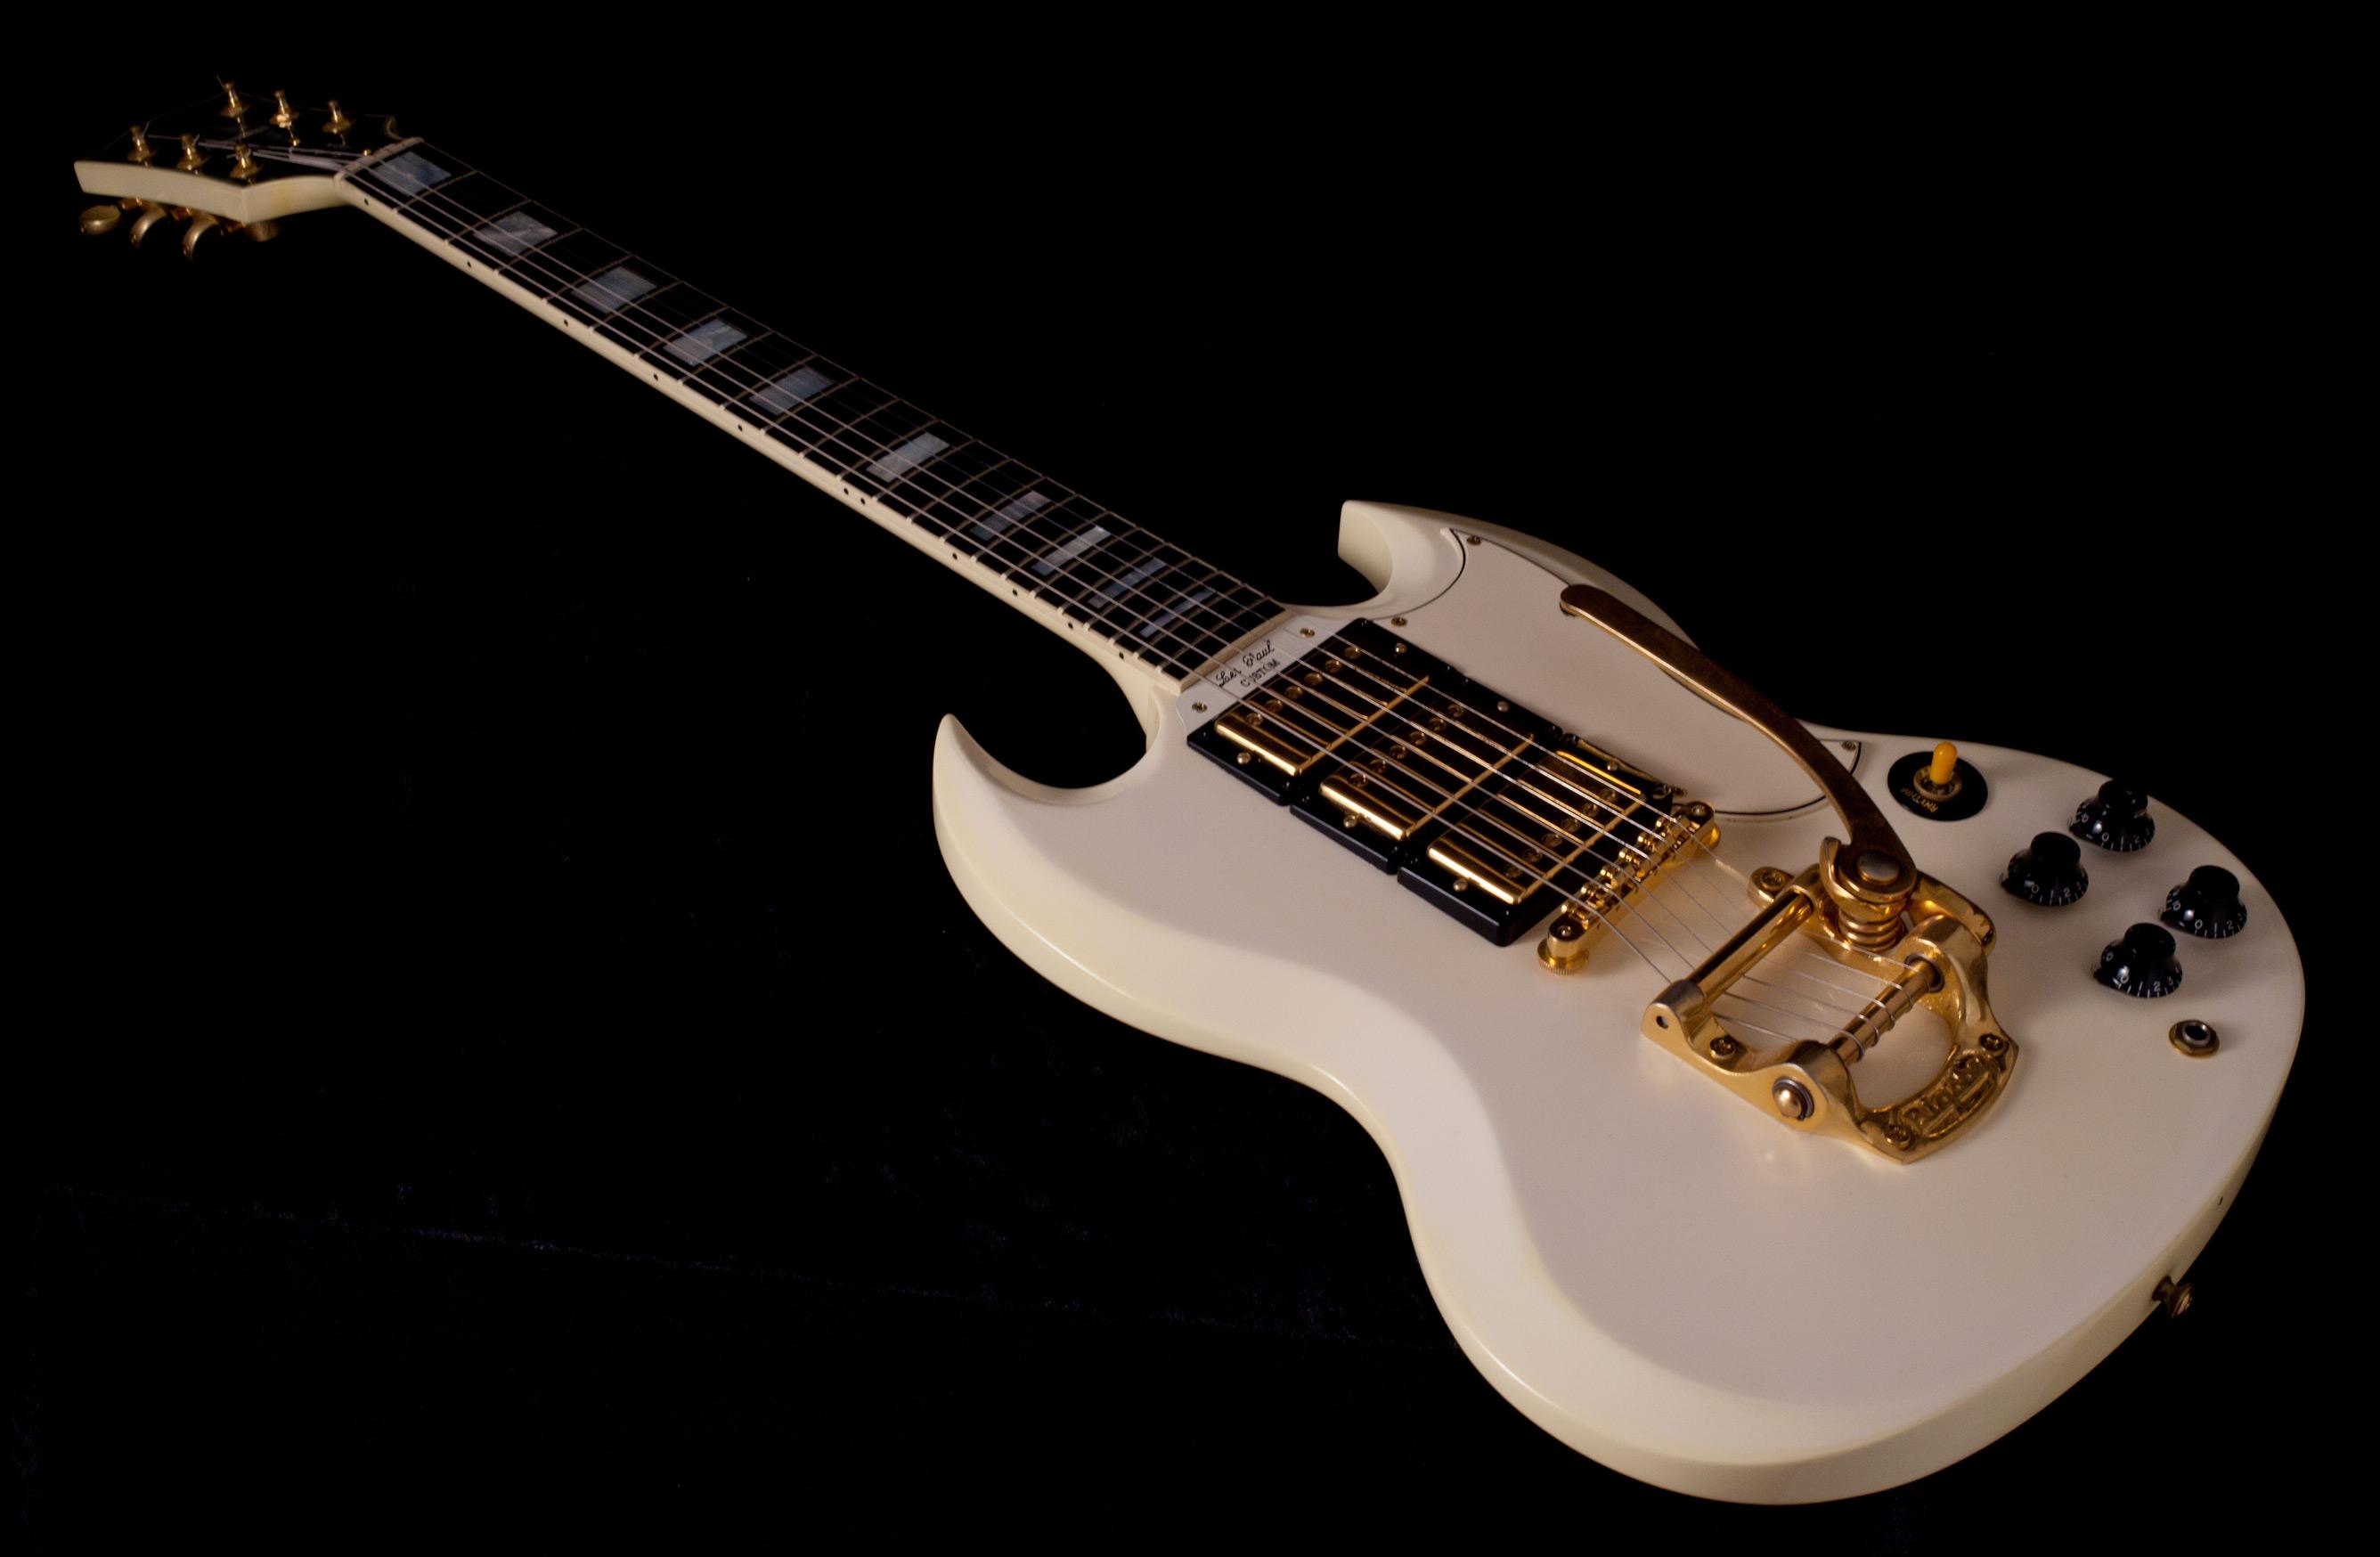 Gibson SG Custom 3 Pickups 2000s Alpine White Guitar For